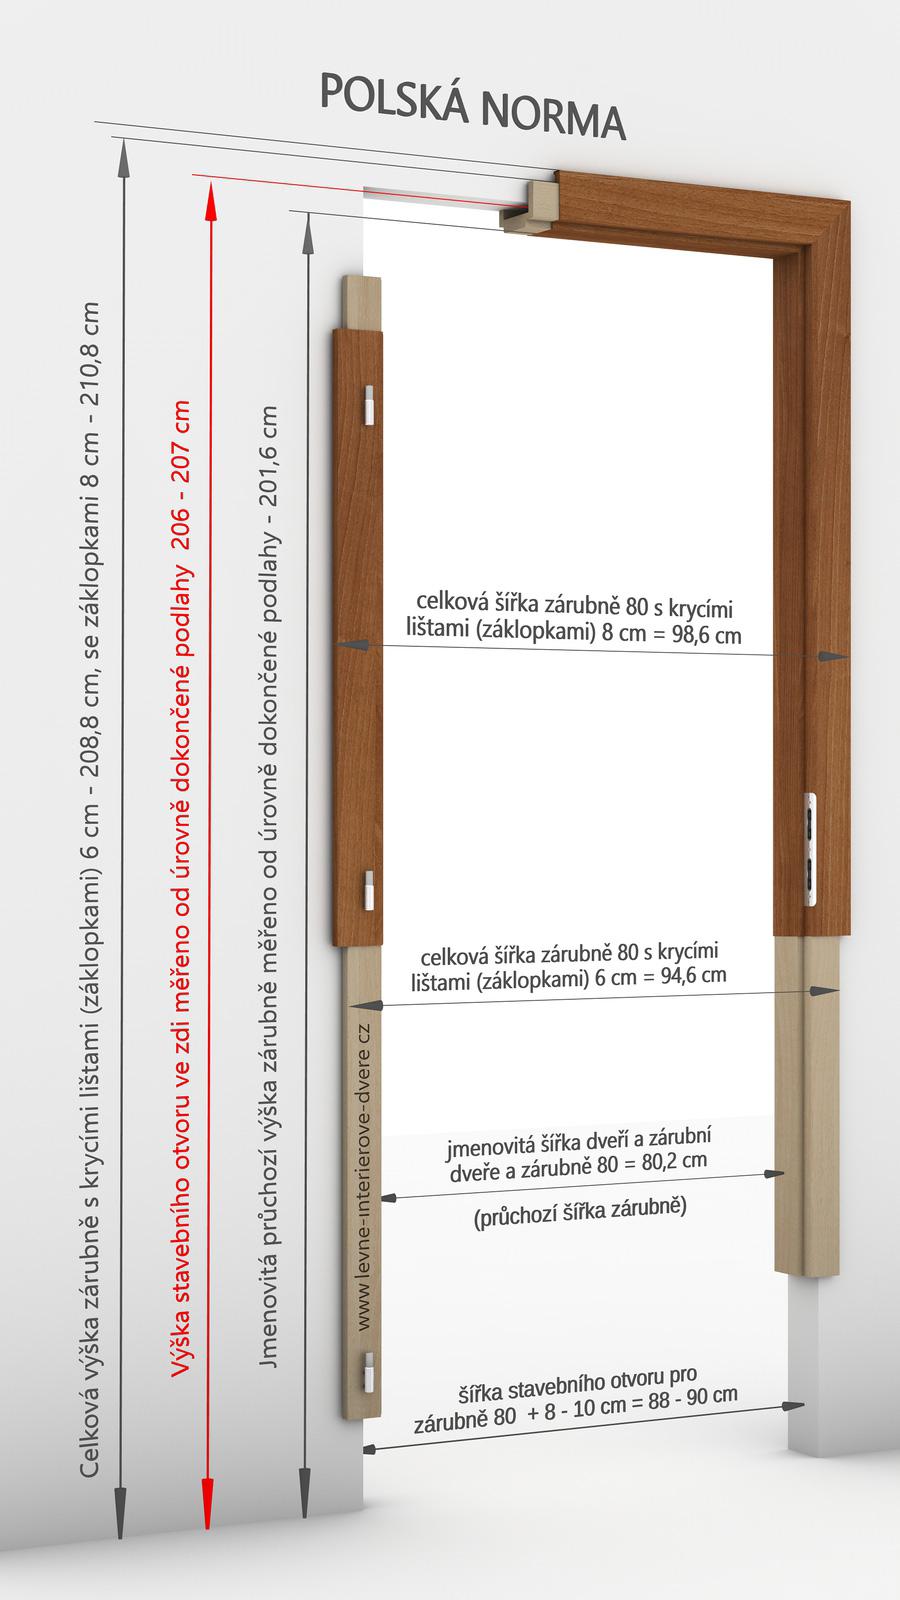 Rozměry pro standardní obložkovou zárubeň Porta SYSTEM Polská norma